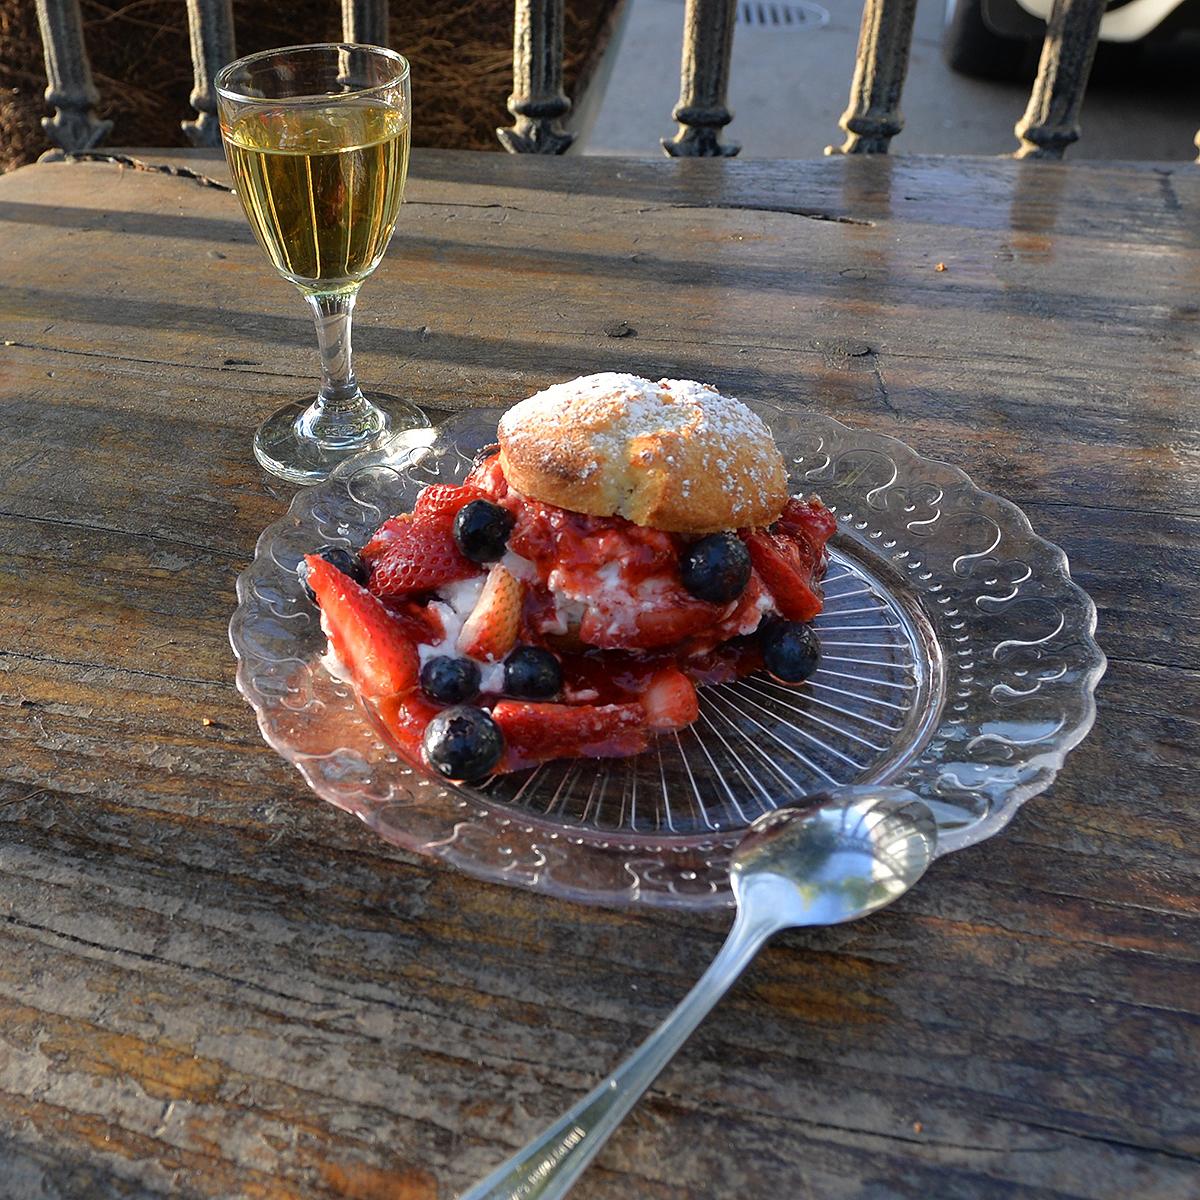 strawberry shortcake at Mua Oakland